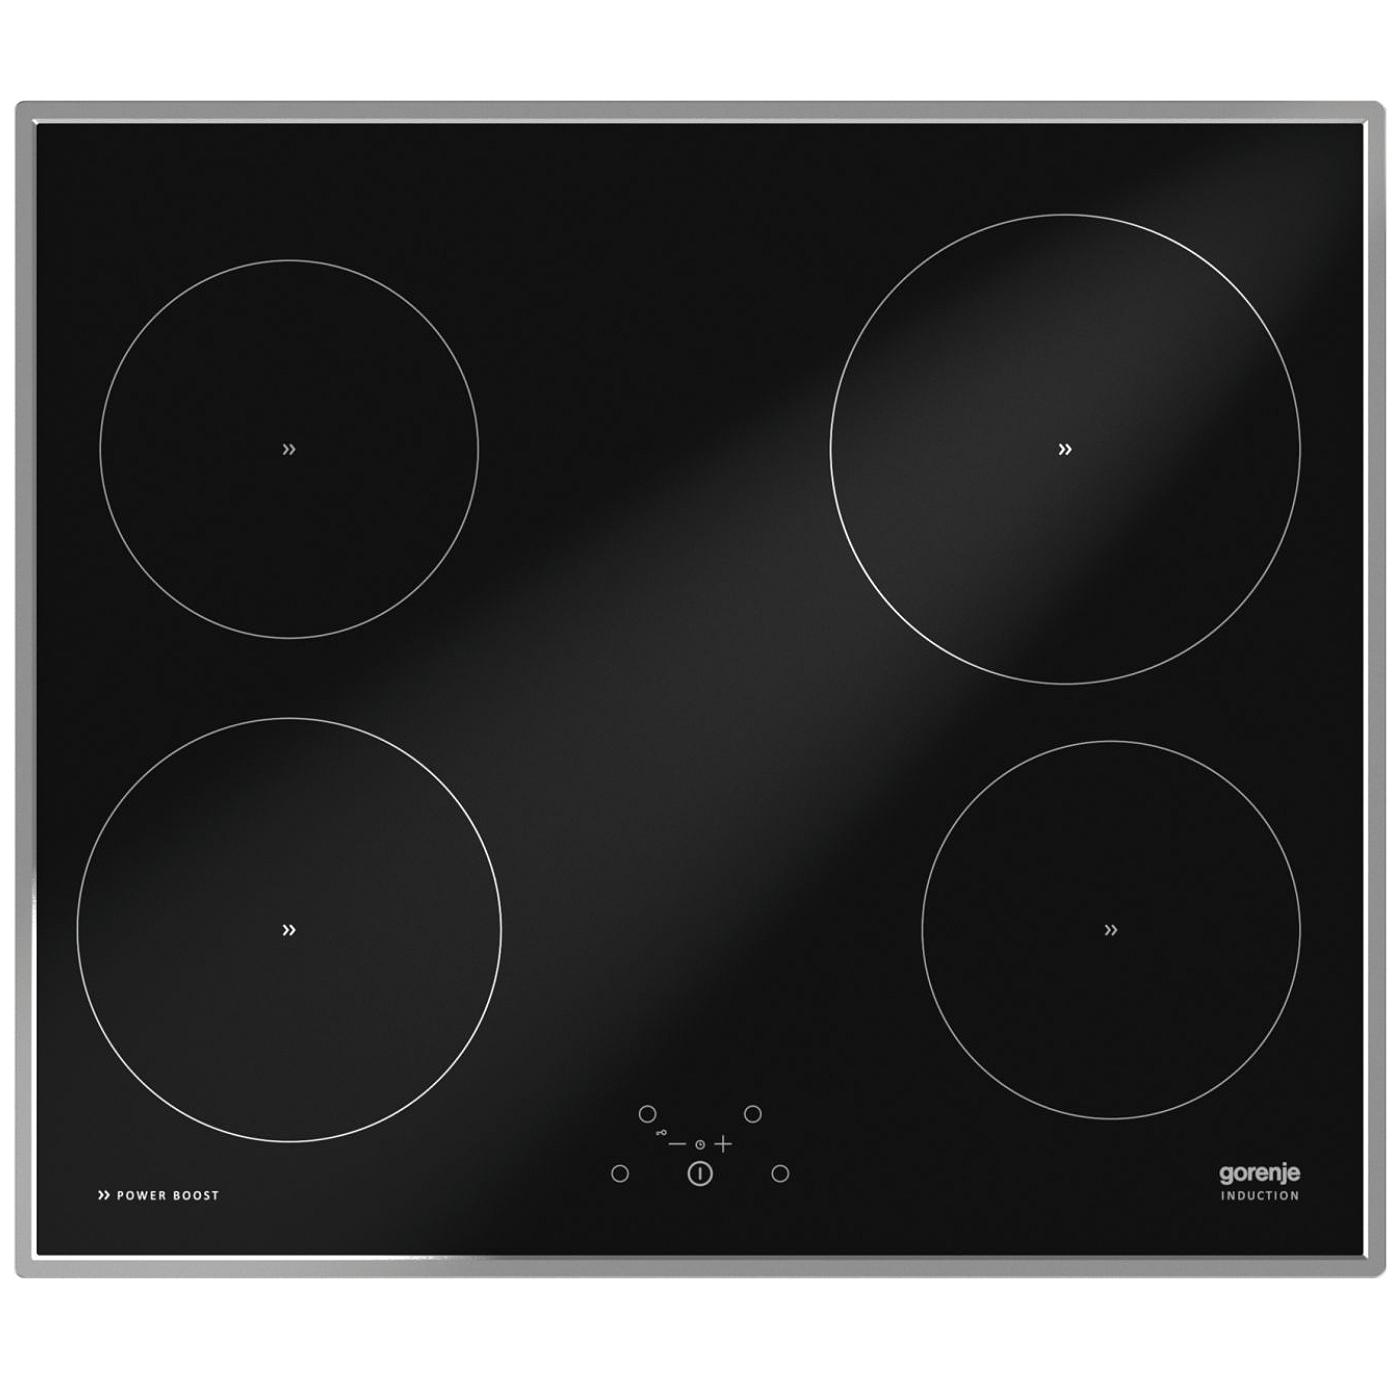 Ugradbena indukcijska ploča za kuhanje, 60cm, 6800W